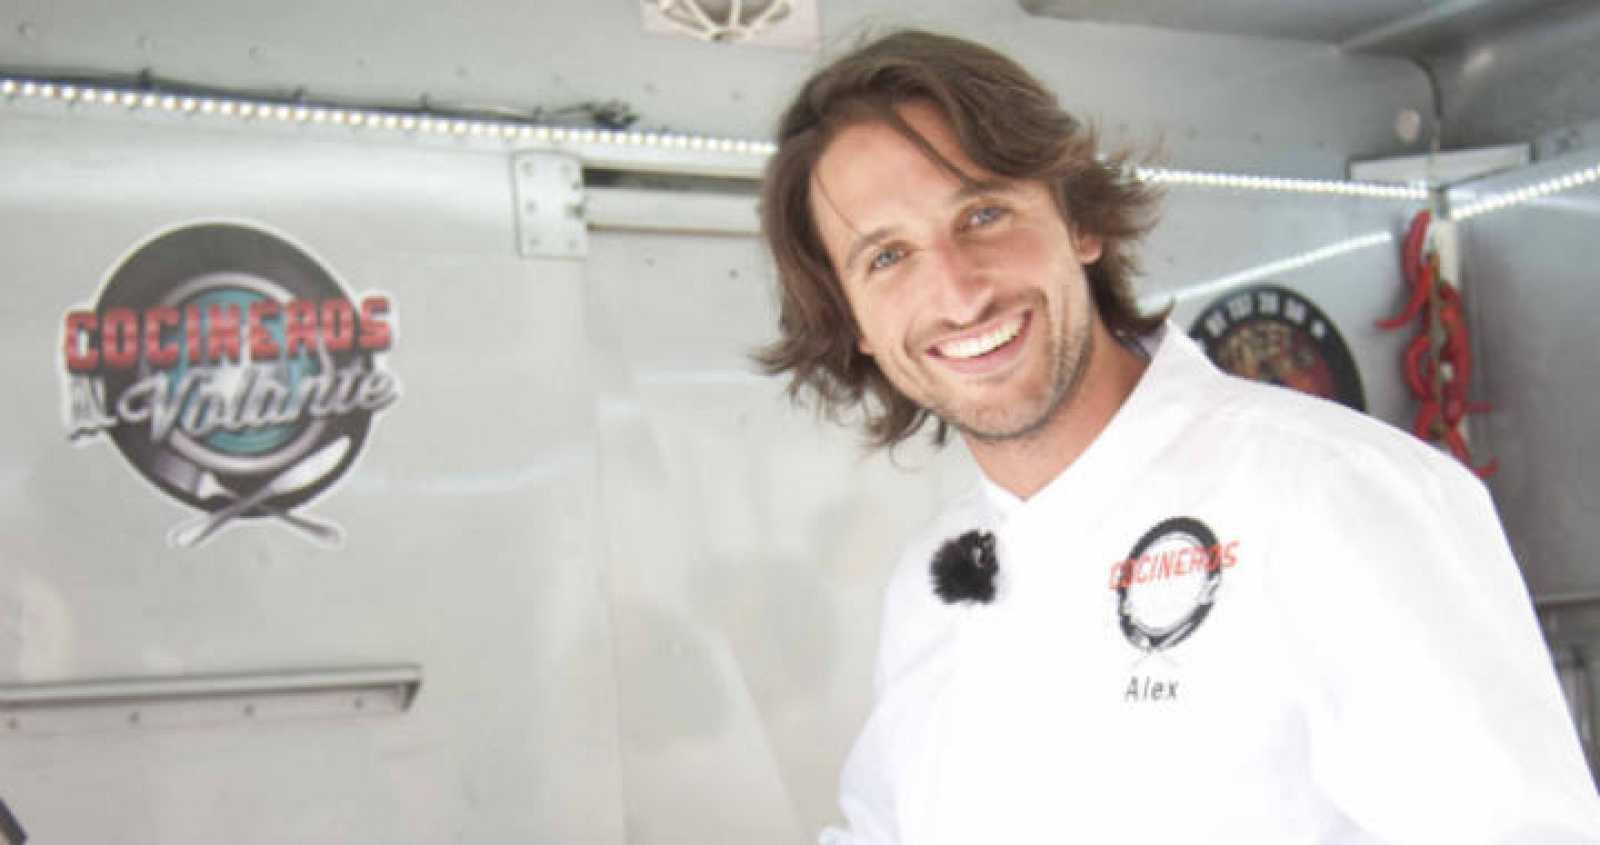 Alejandro Alcántara ha trabajado en MasterChef como responsable del equipo culinario